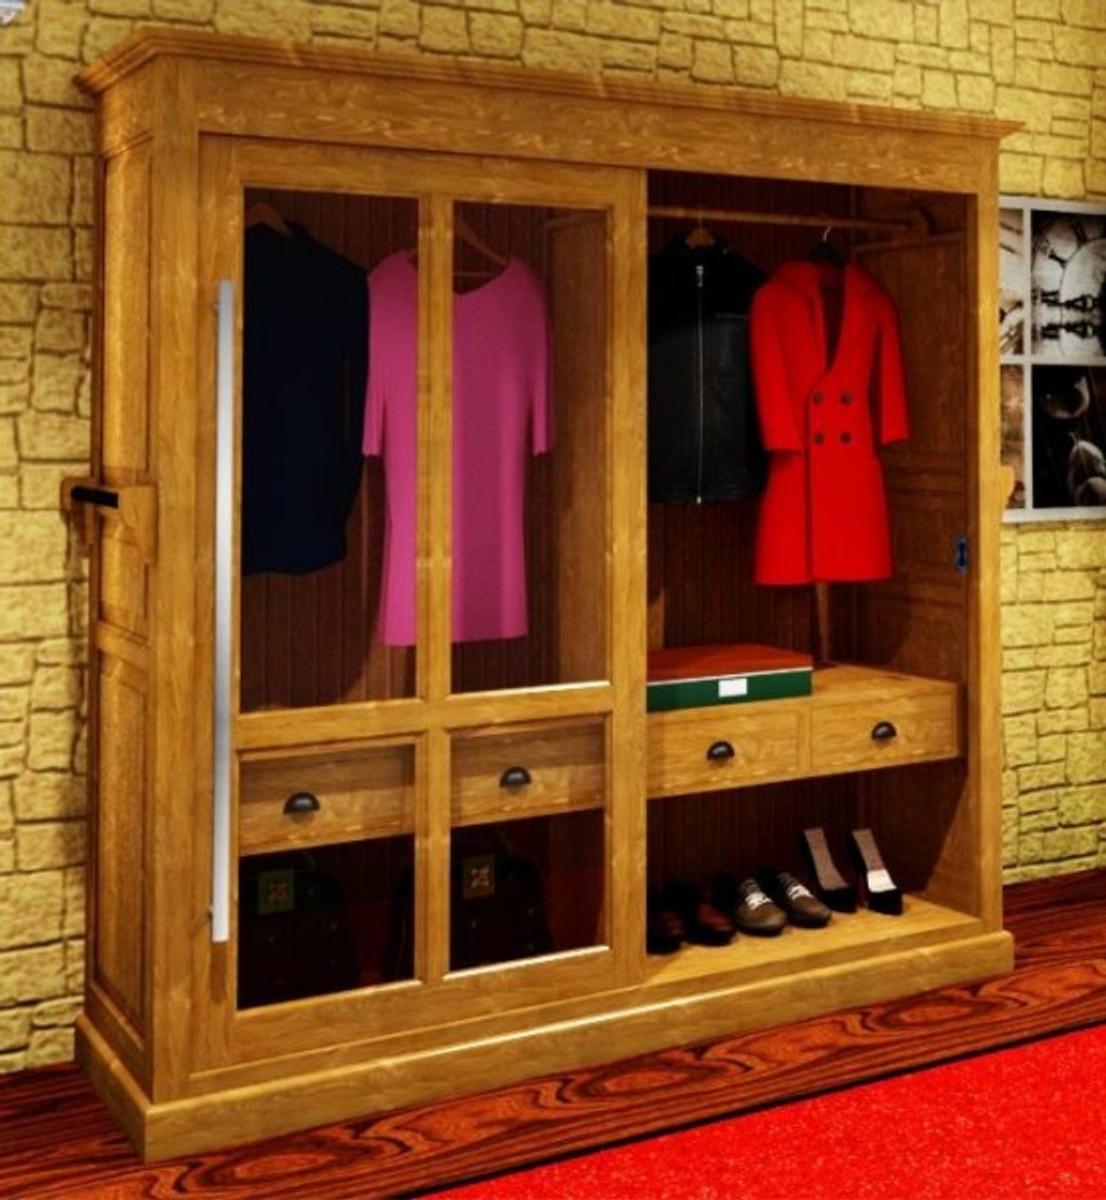 Casa padrino luxus kleiderschrank b 226 x h 220 cm haute couture schlafzimmer schrank mit glas - Luxus kleiderschrank ...